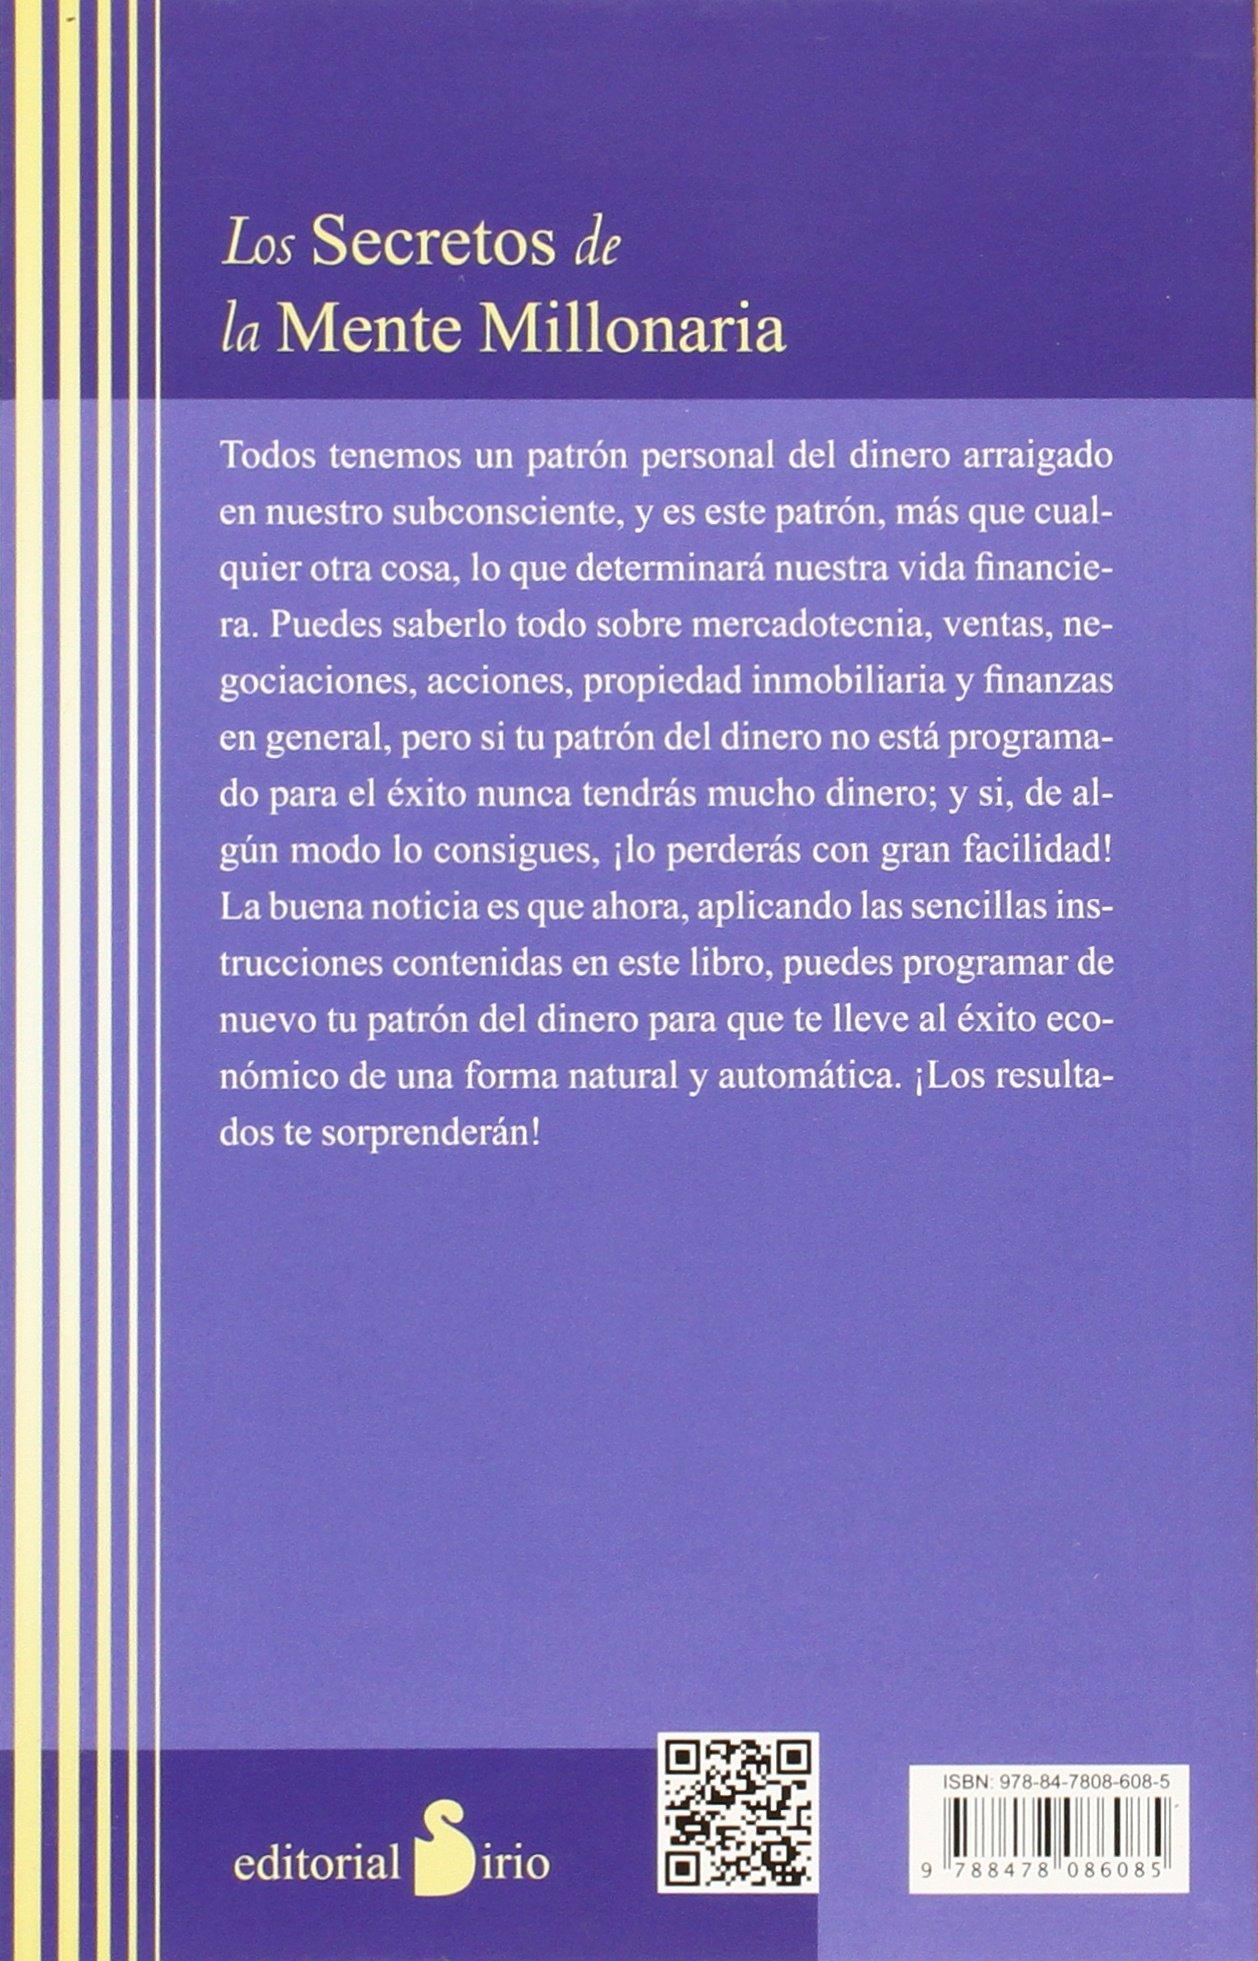 Los Secretos De La Mente Millonaria 2013 Spanish Edition 9788478086085 Eker T Harv Renau Bahima Anna Books